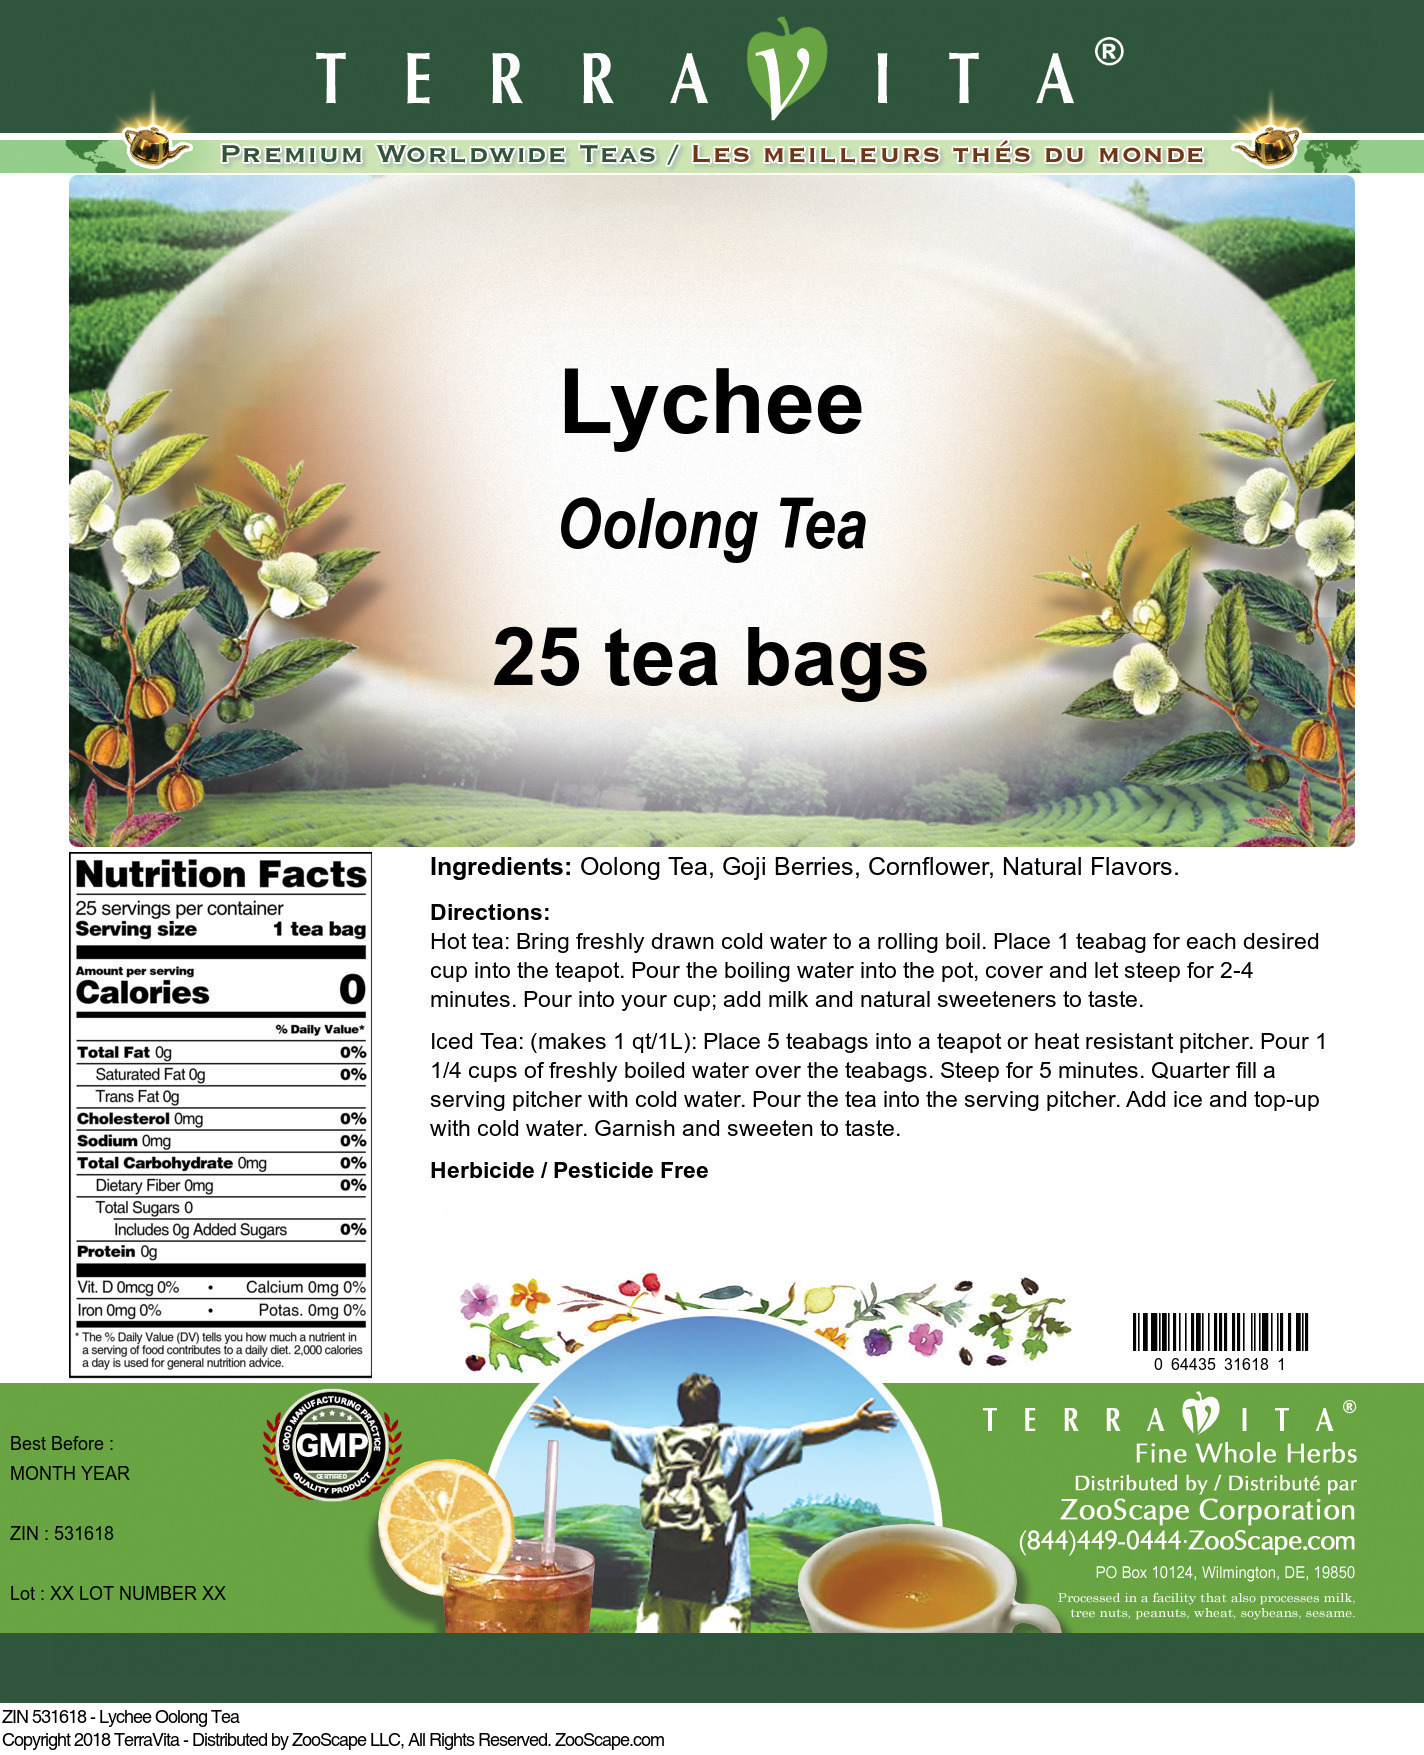 Lychee Oolong Tea